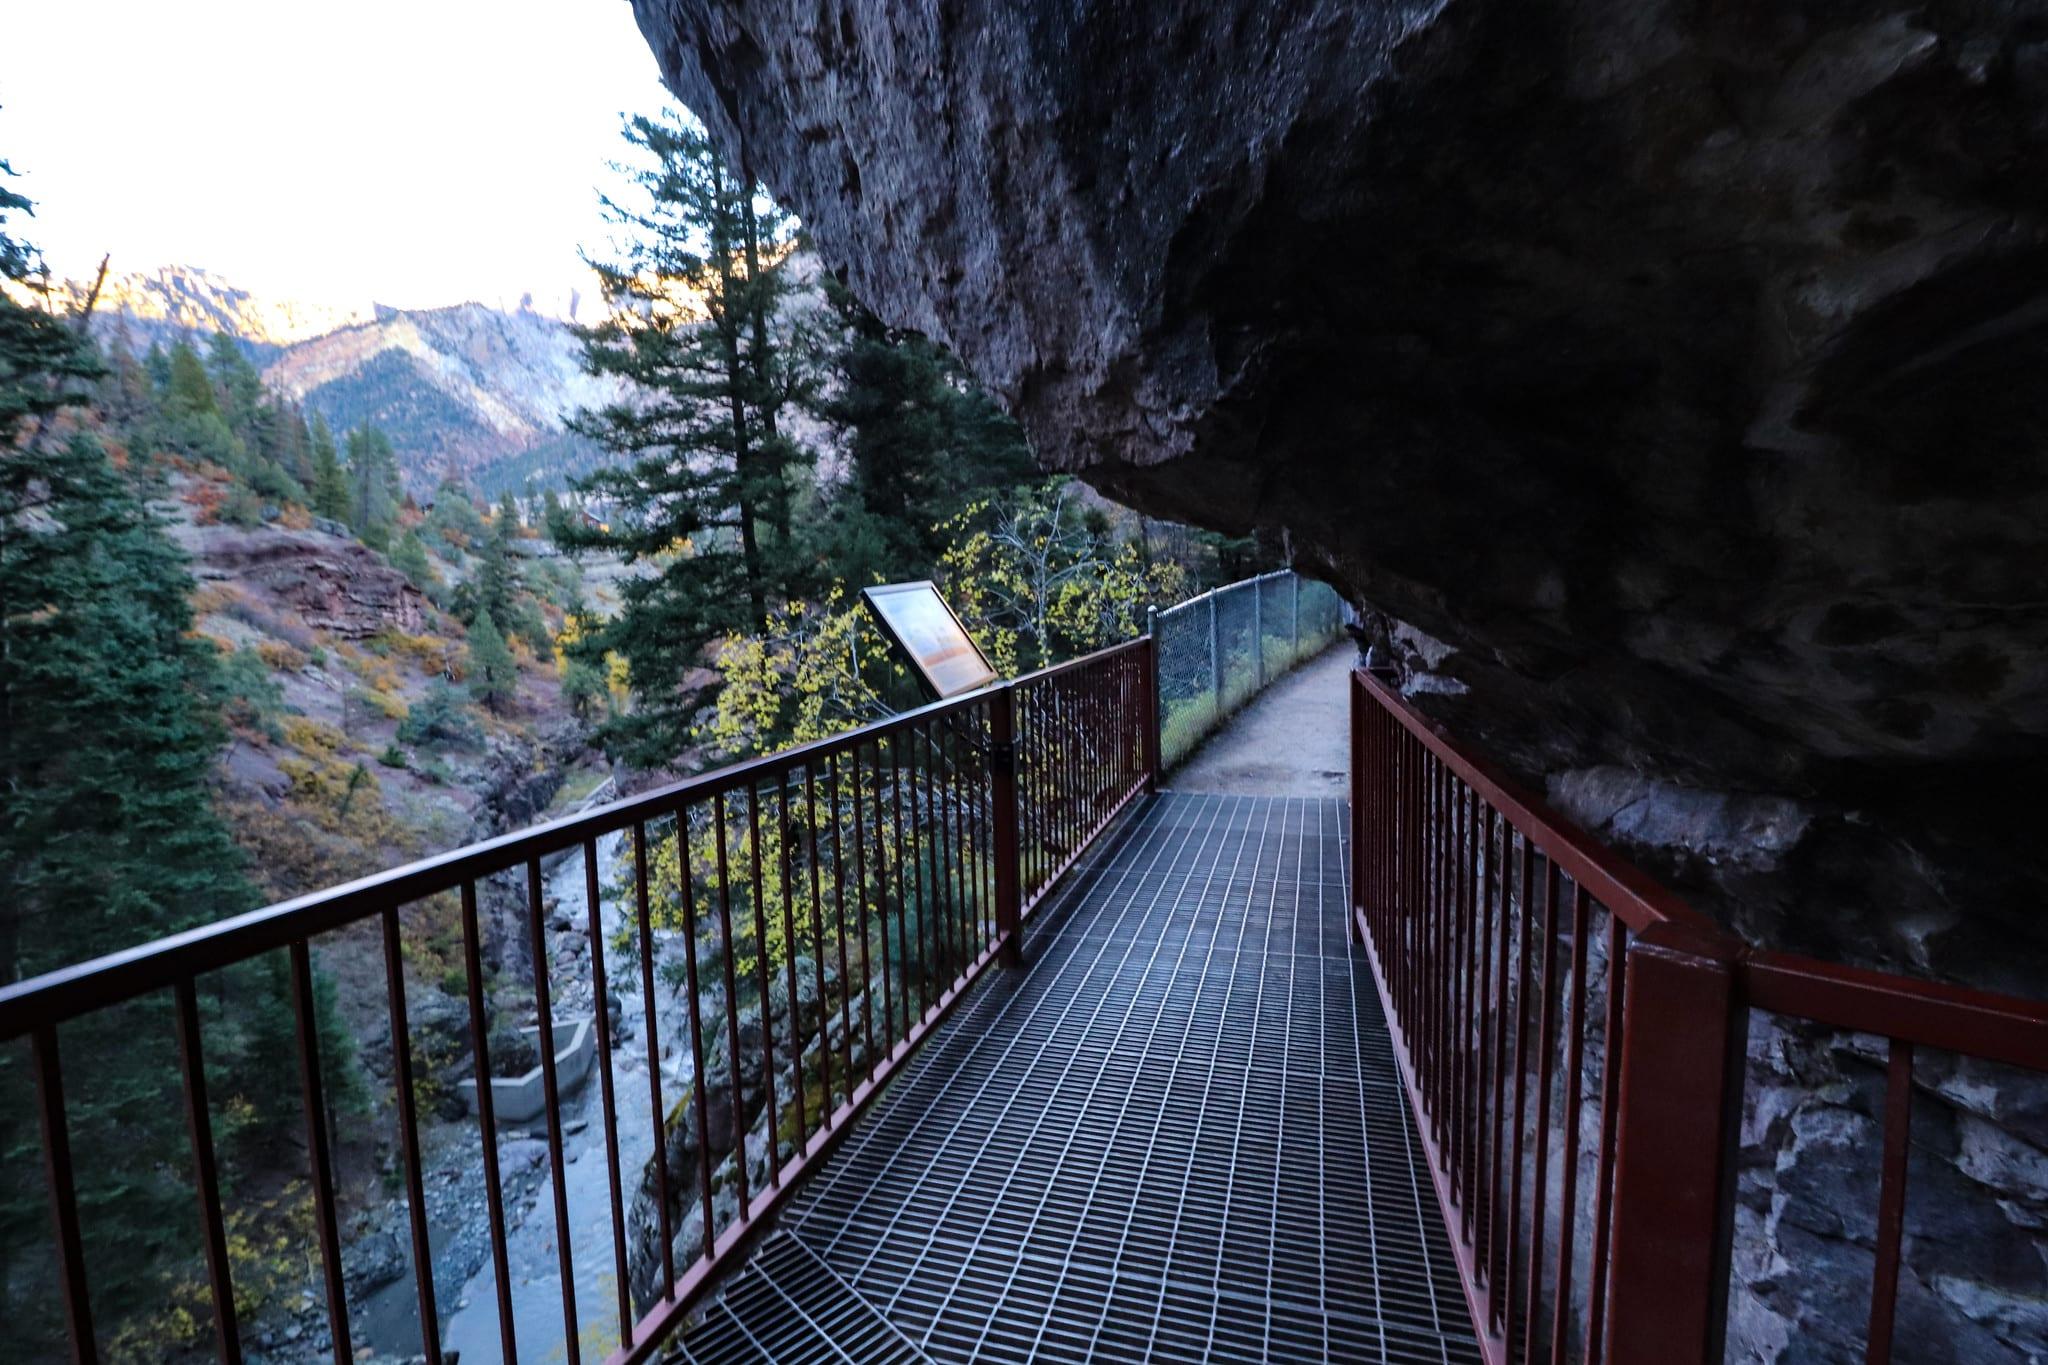 image of box canyon falls park